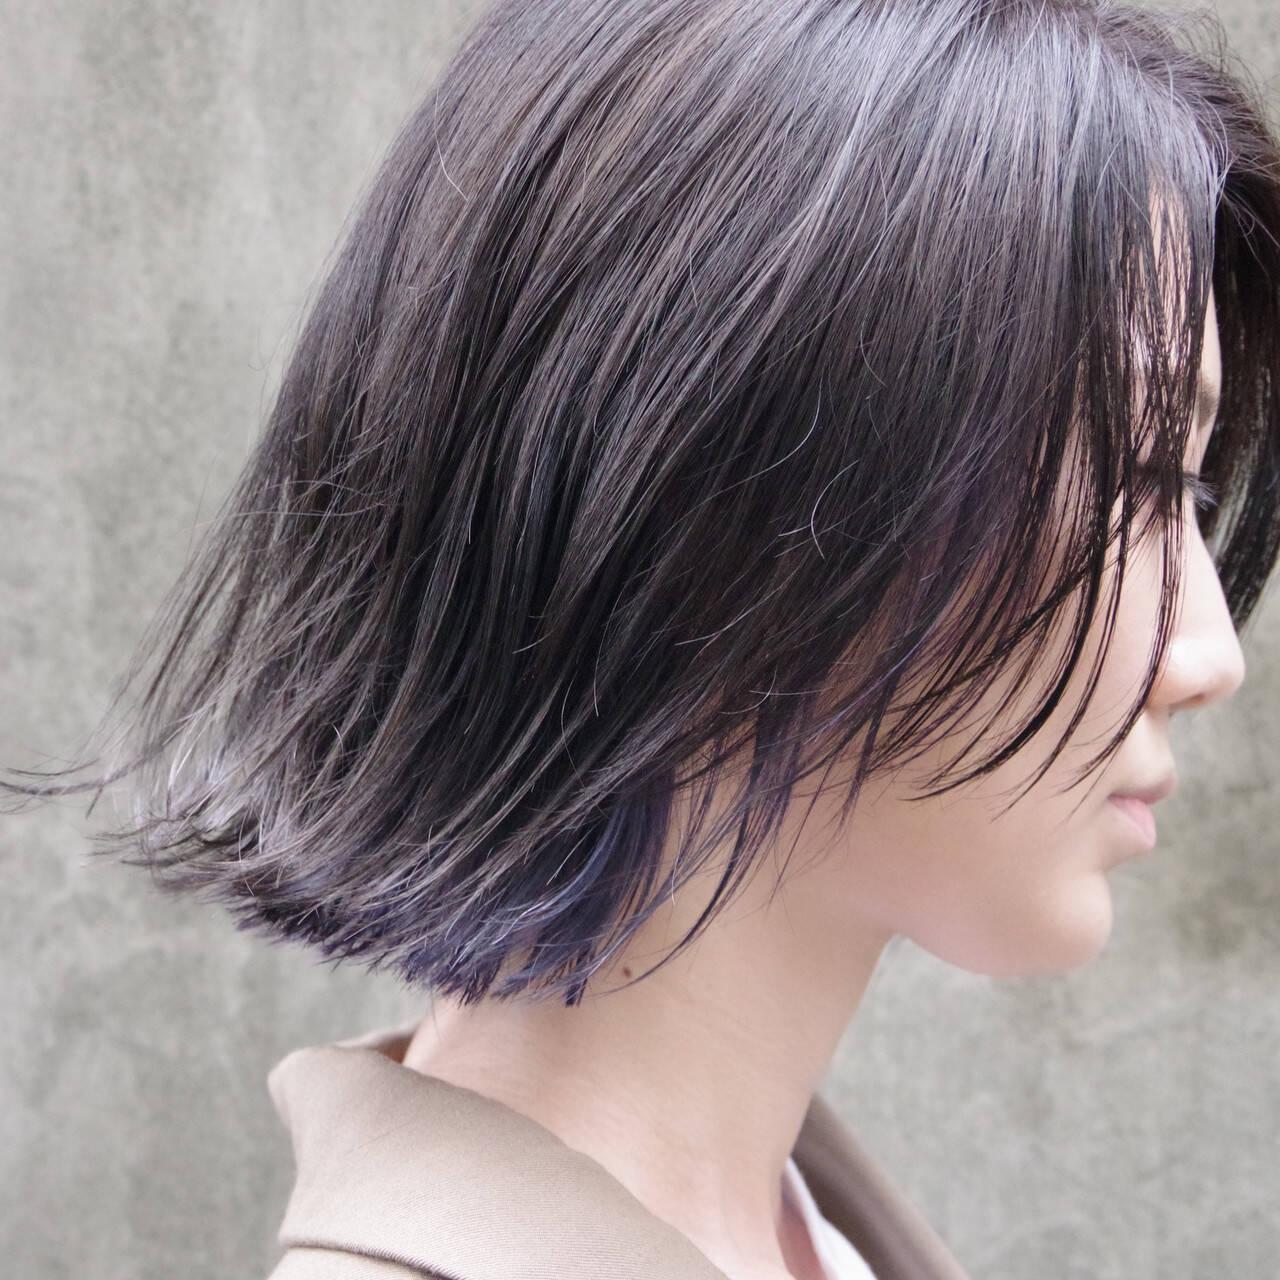 ボブ 暗髪 ハンサムボブ インナーカラーヘアスタイルや髪型の写真・画像